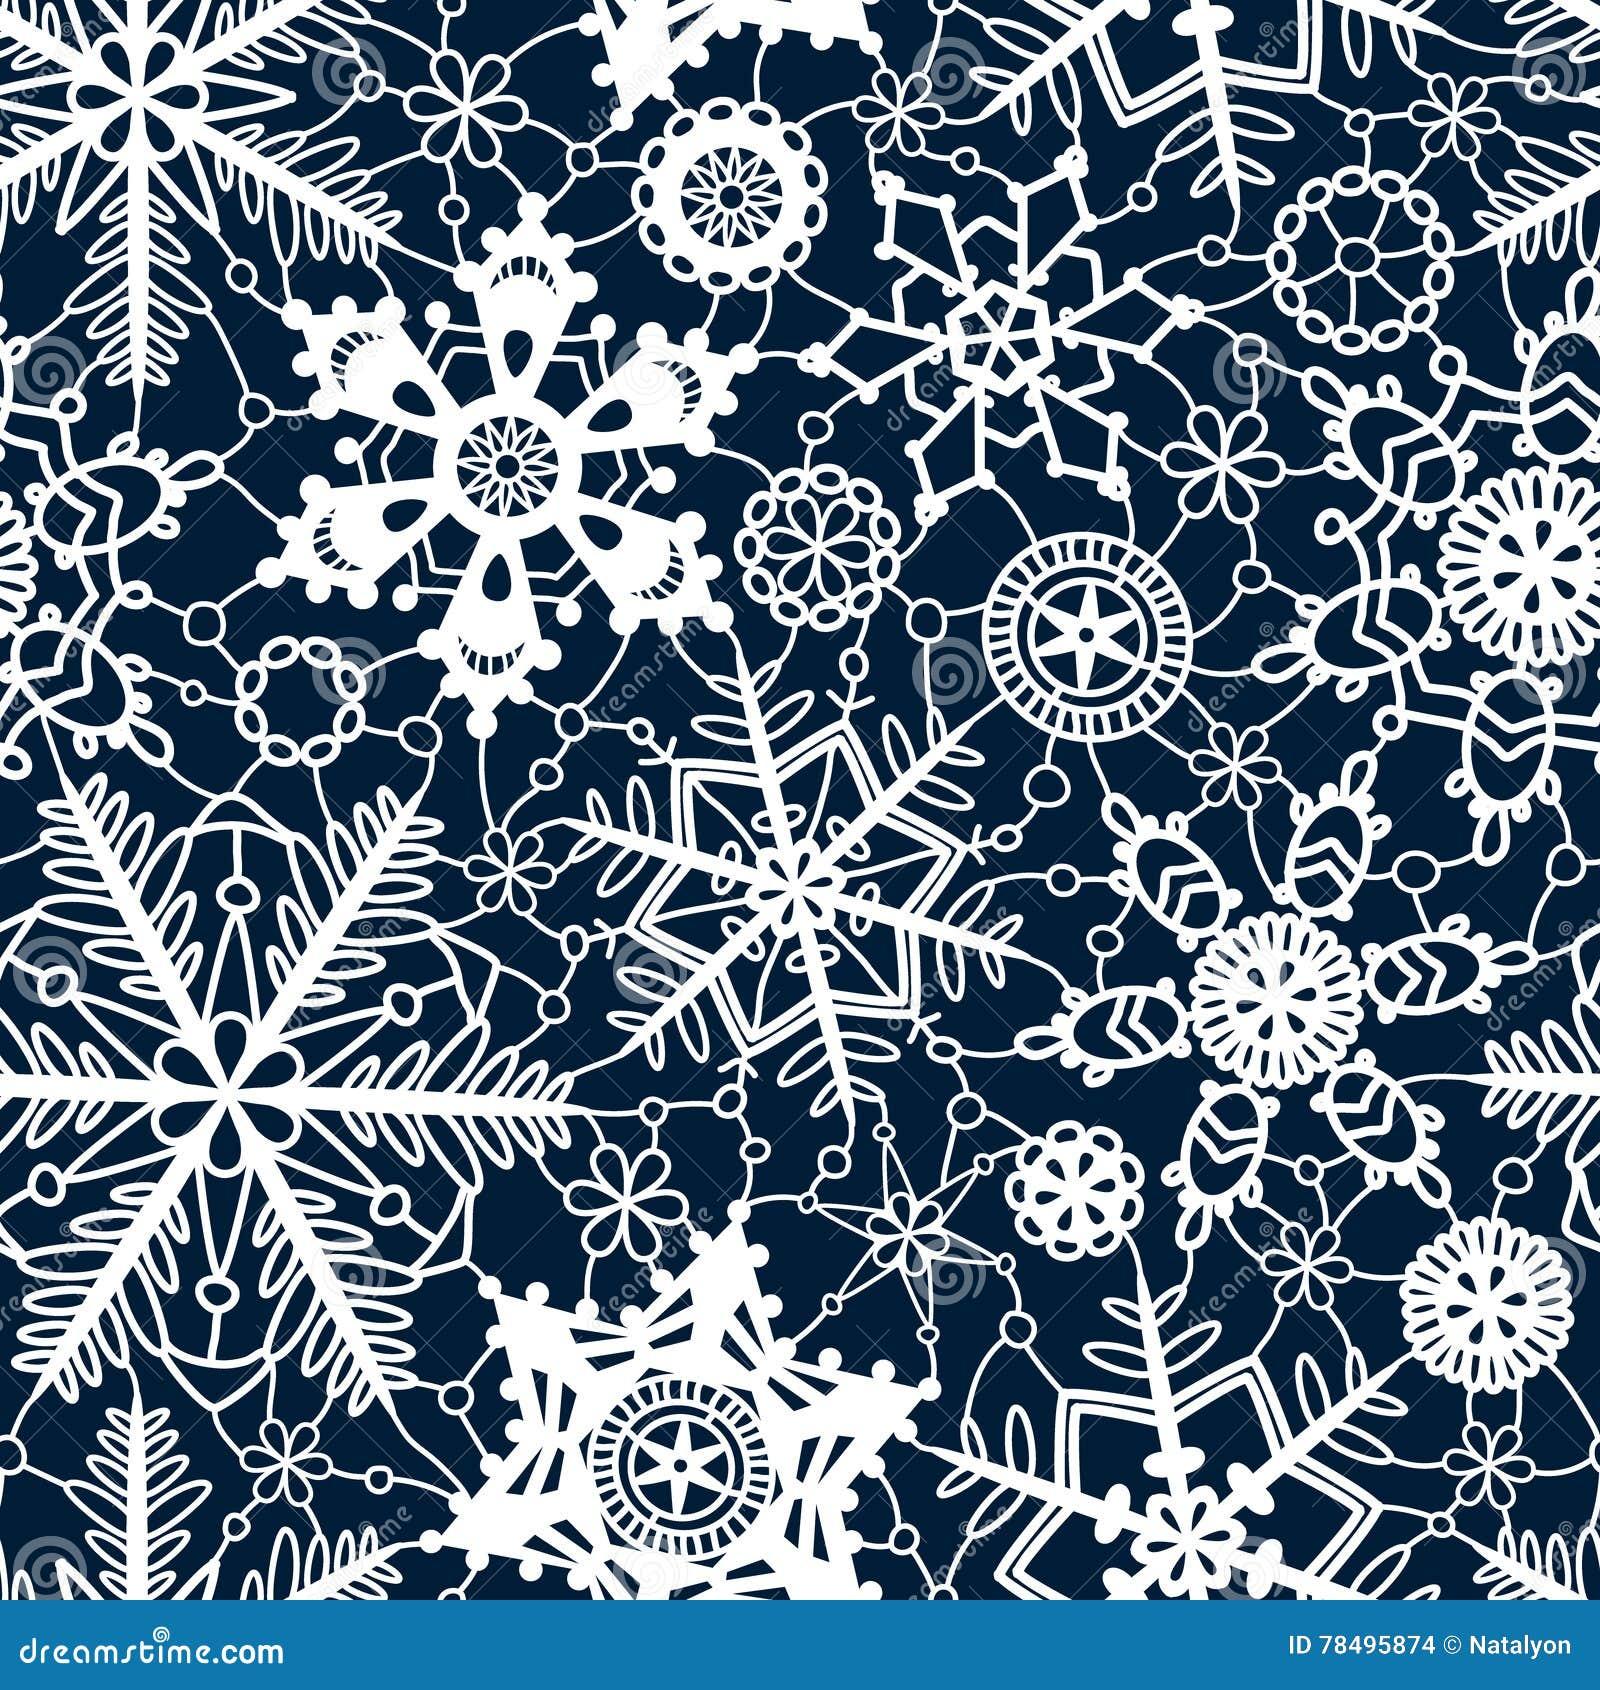 Nahtloses Muster der weißen Spitzehäkelarbeit-Schneeflocken auf Marineblau, Vektor